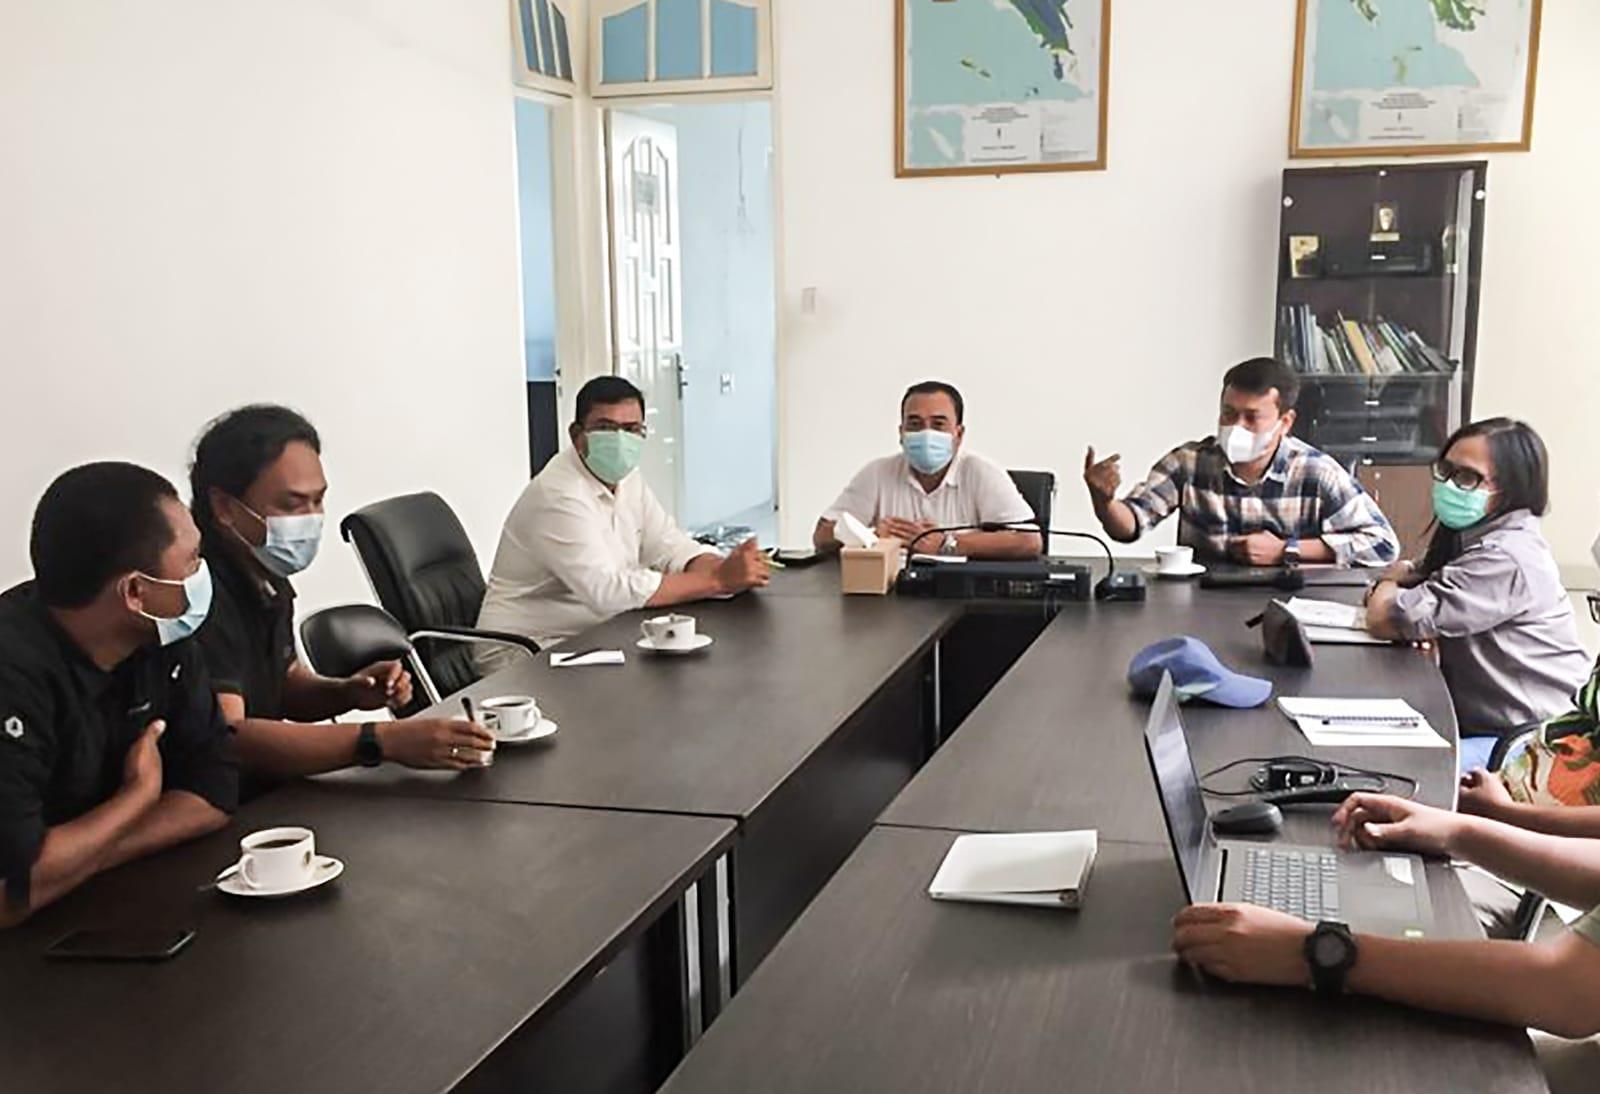 Pertemuan antara STFJ-YOSL OIC dan Balai Gakkum LHK Wilayah Sumut. Foto: Sumut